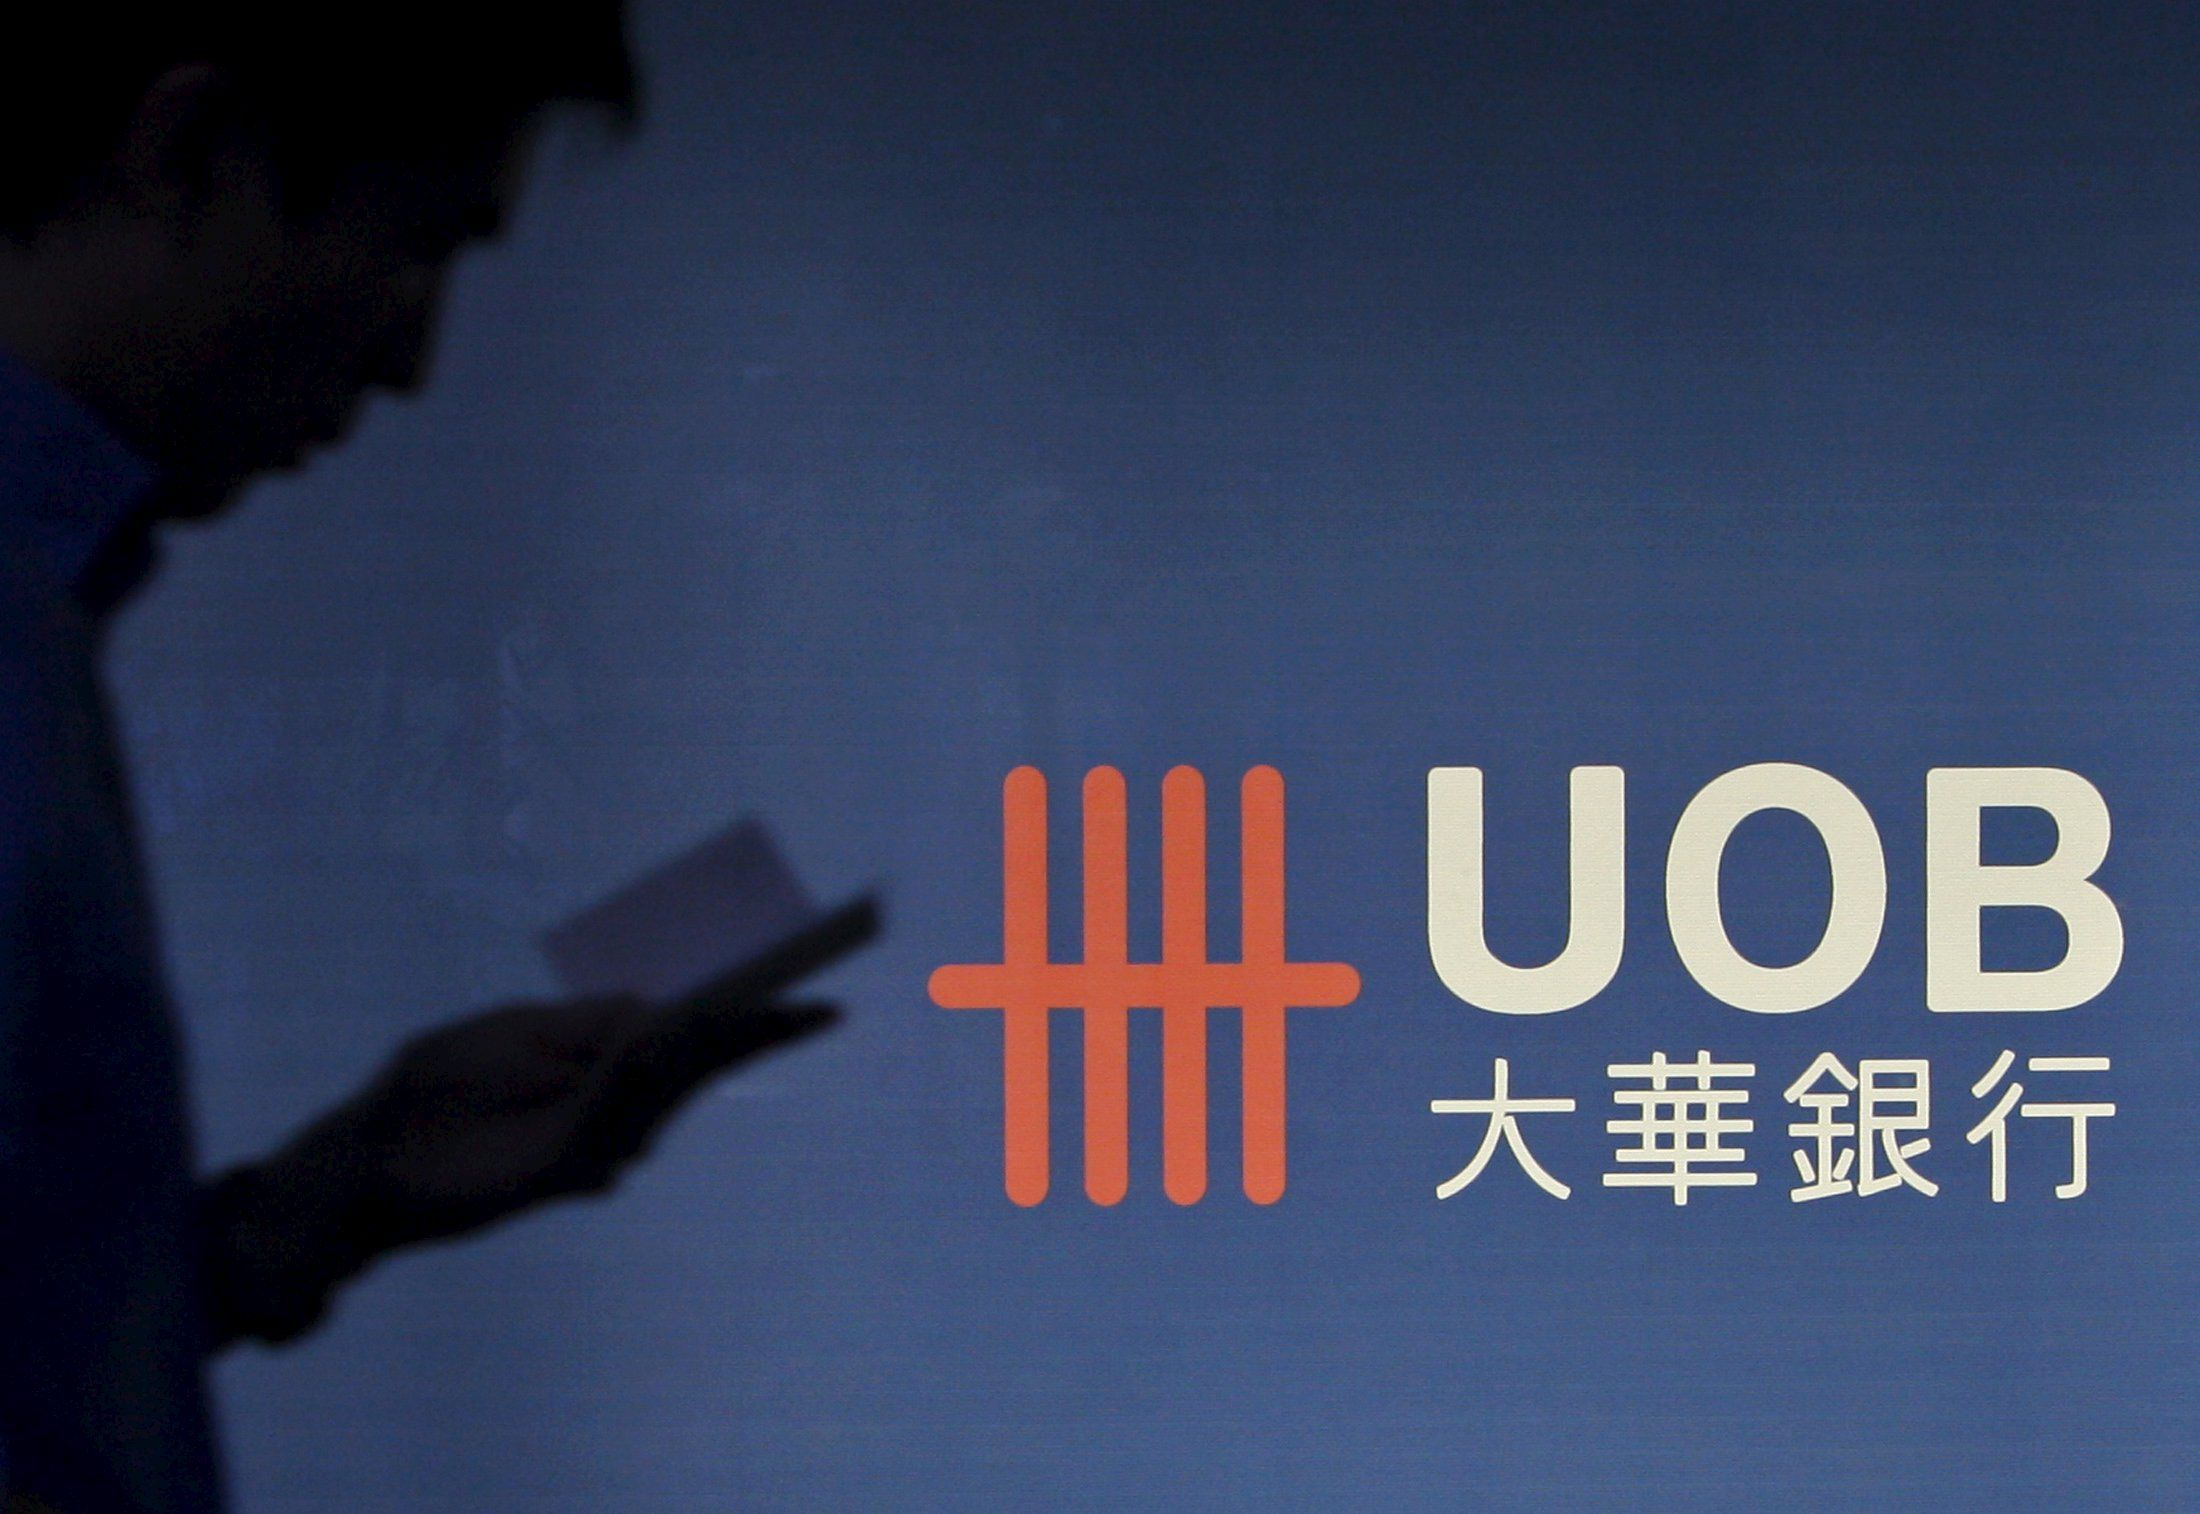 بنك UOB: توقعات باستمرار تراجع اليورو دولار